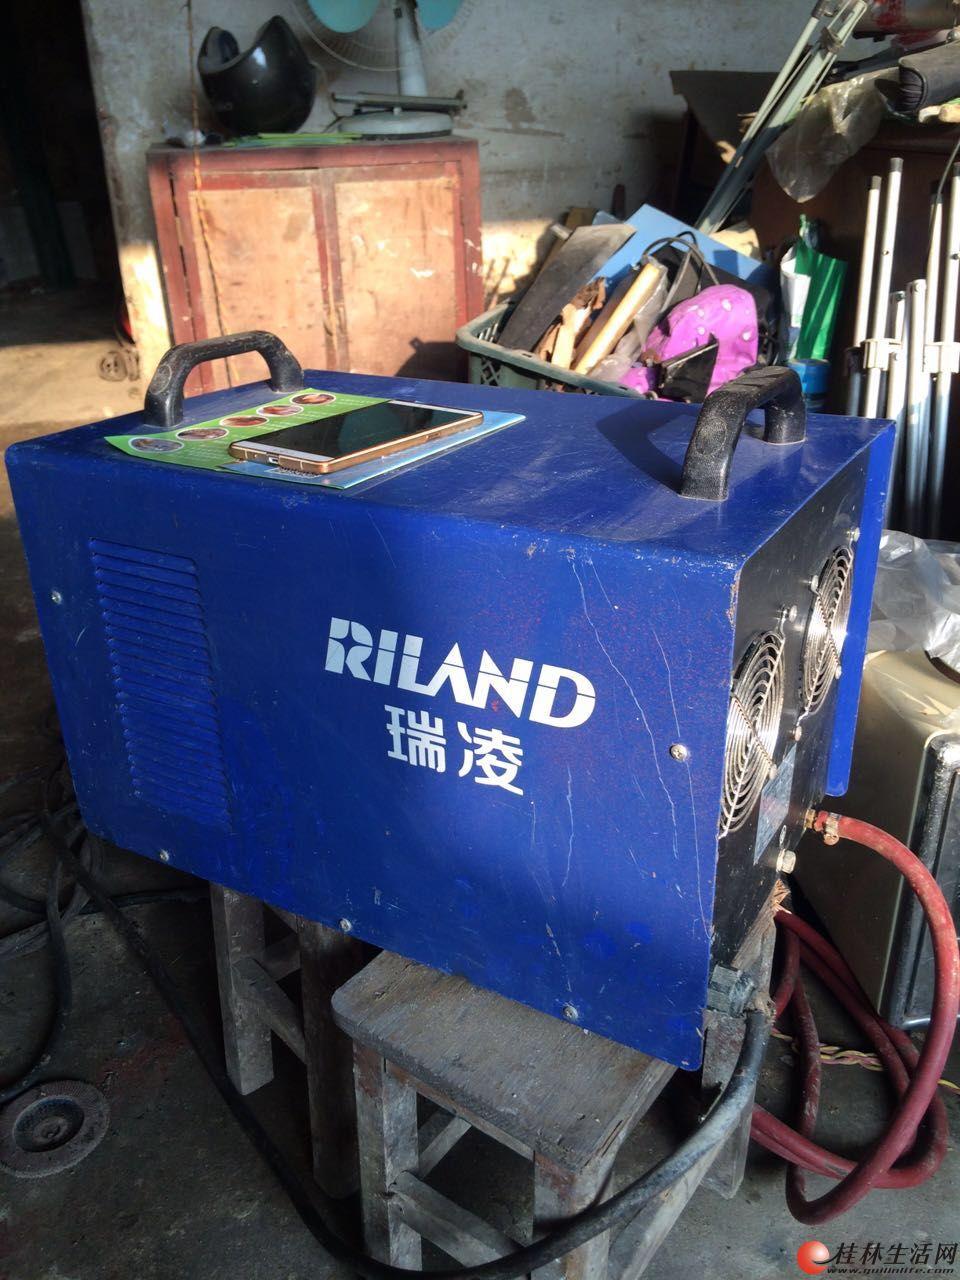 多功能焊机 可焊接 铜、铝 不锈钢、铁 用过十来次 原价3800元 现只要2500元